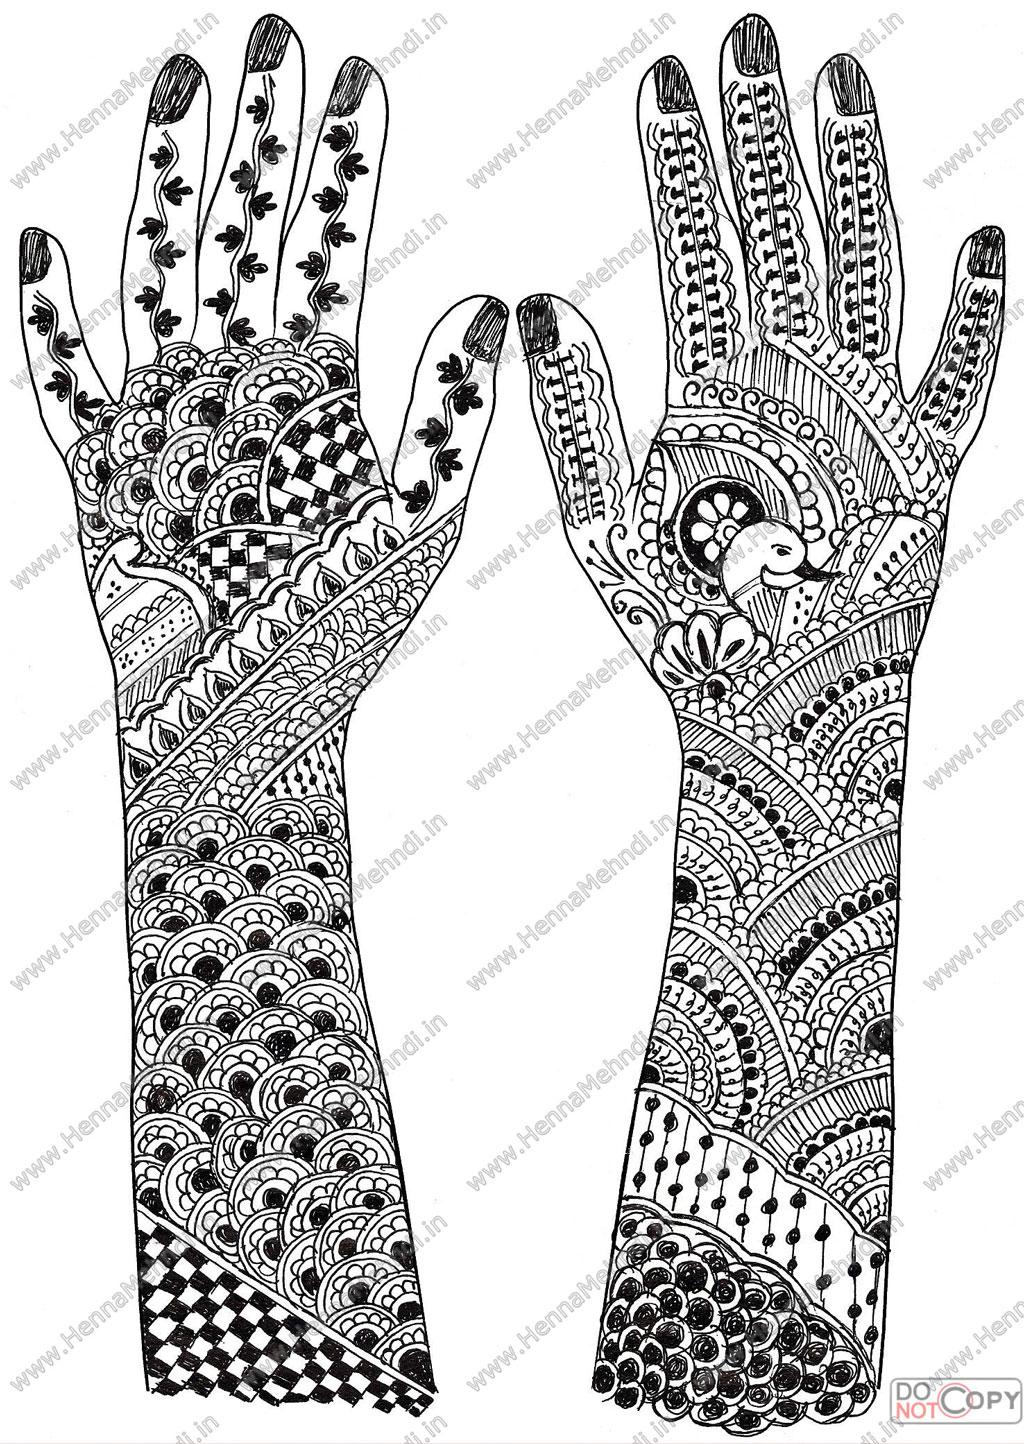 Drawn mehndi sun Arabic Latest henna Bridal mehndi